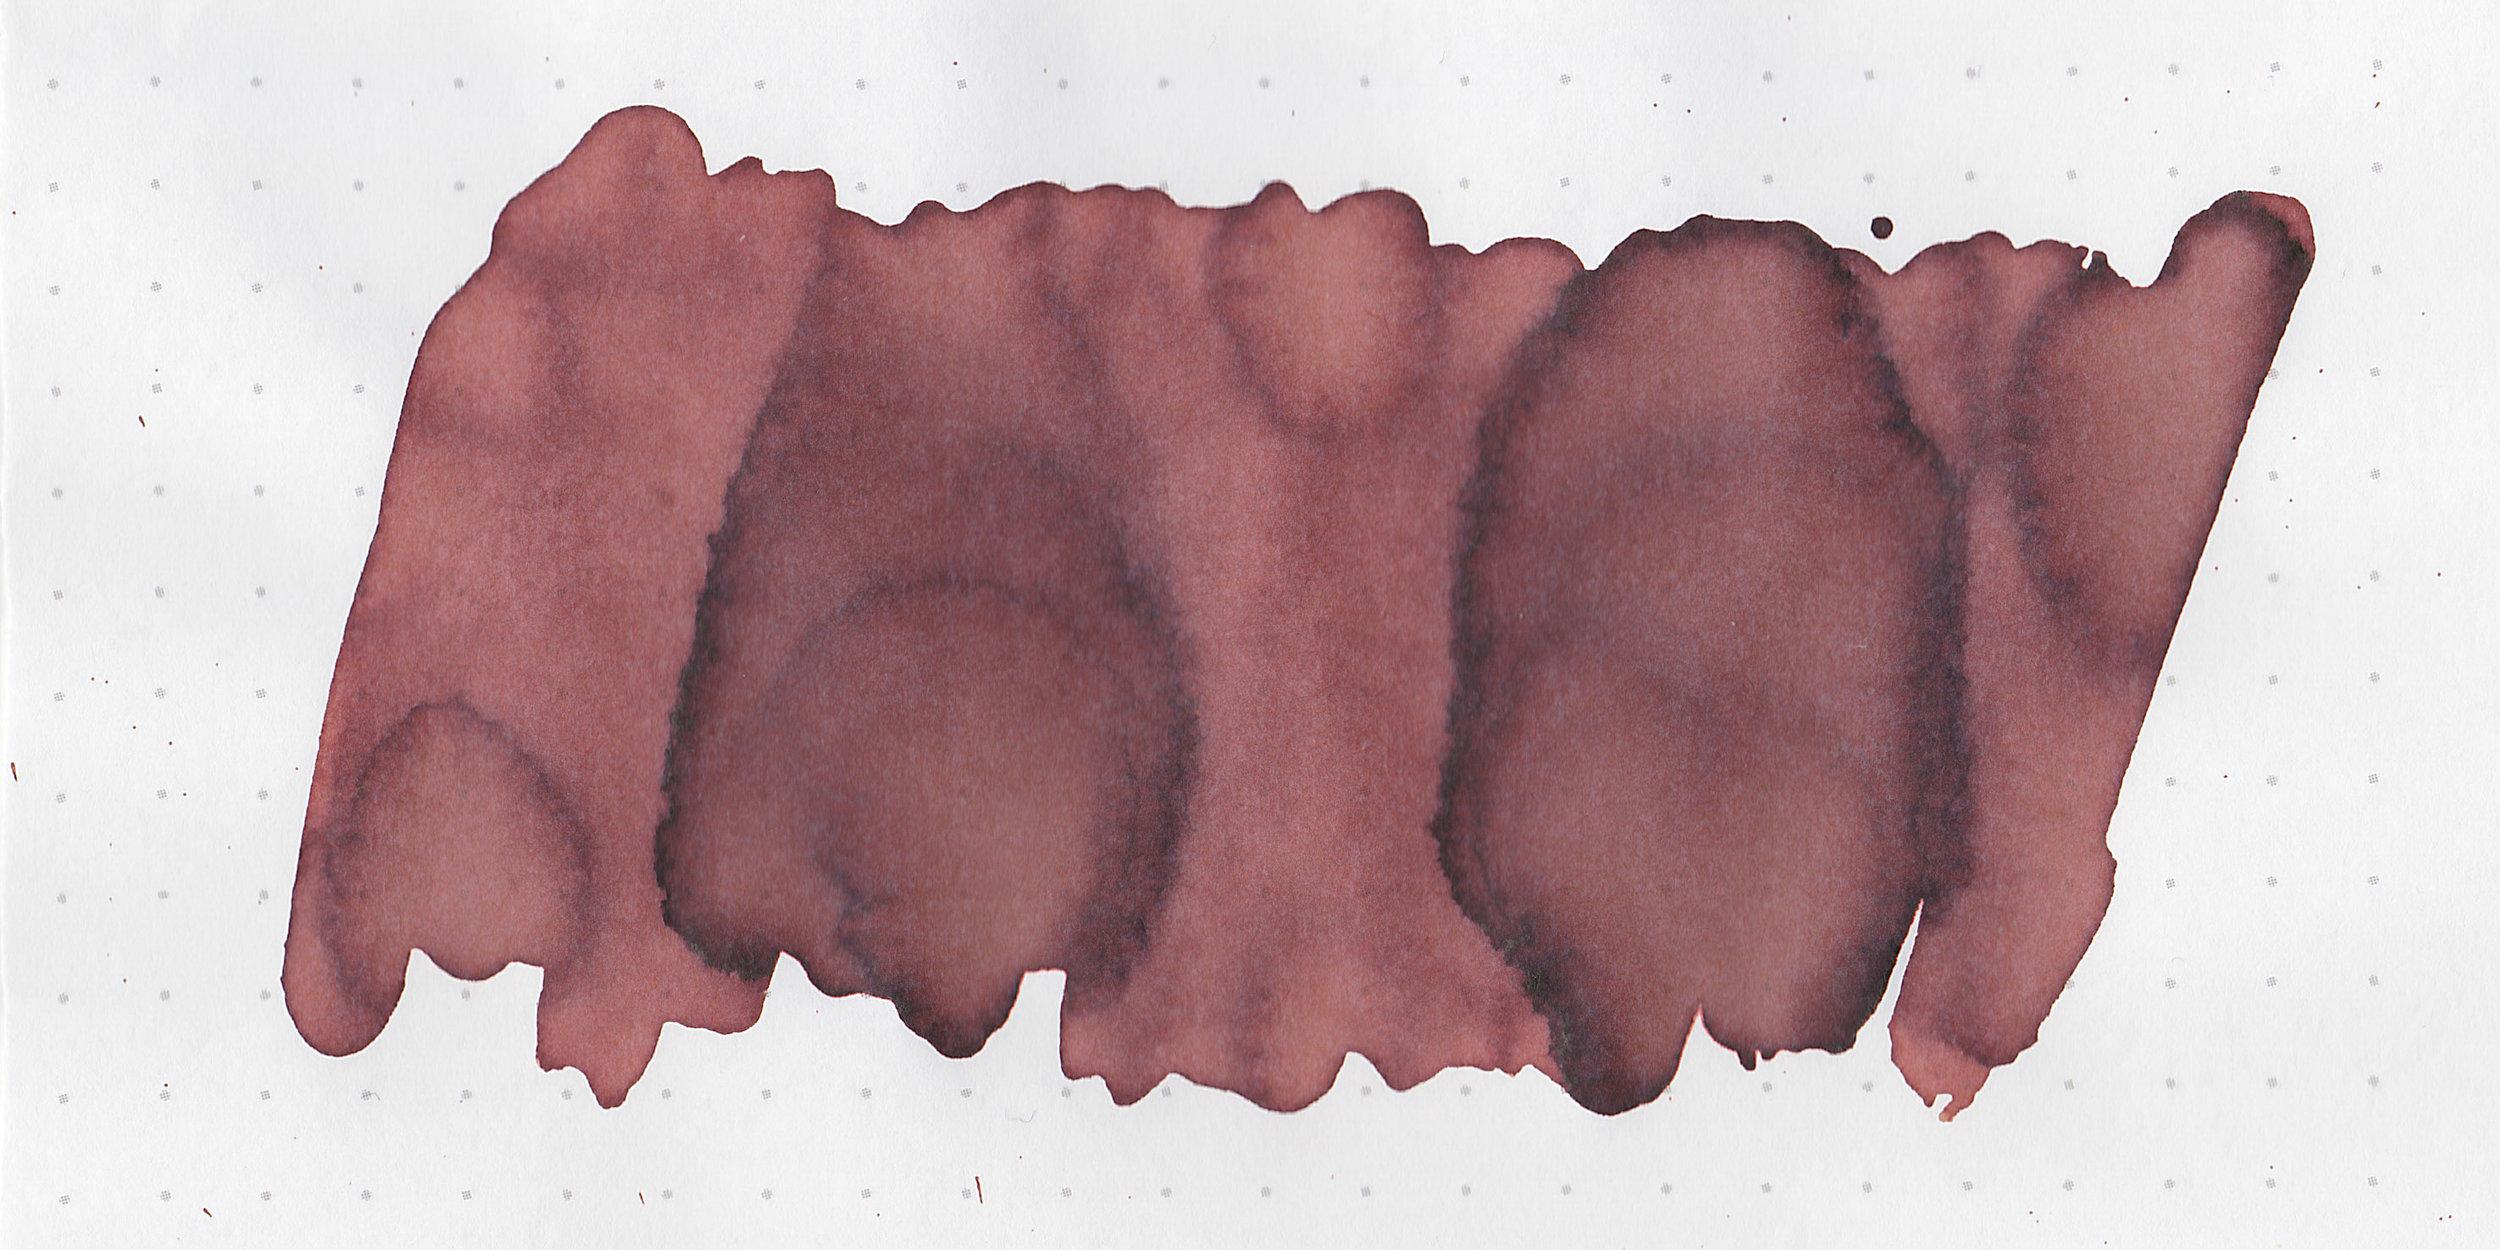 pp-011-11.jpg